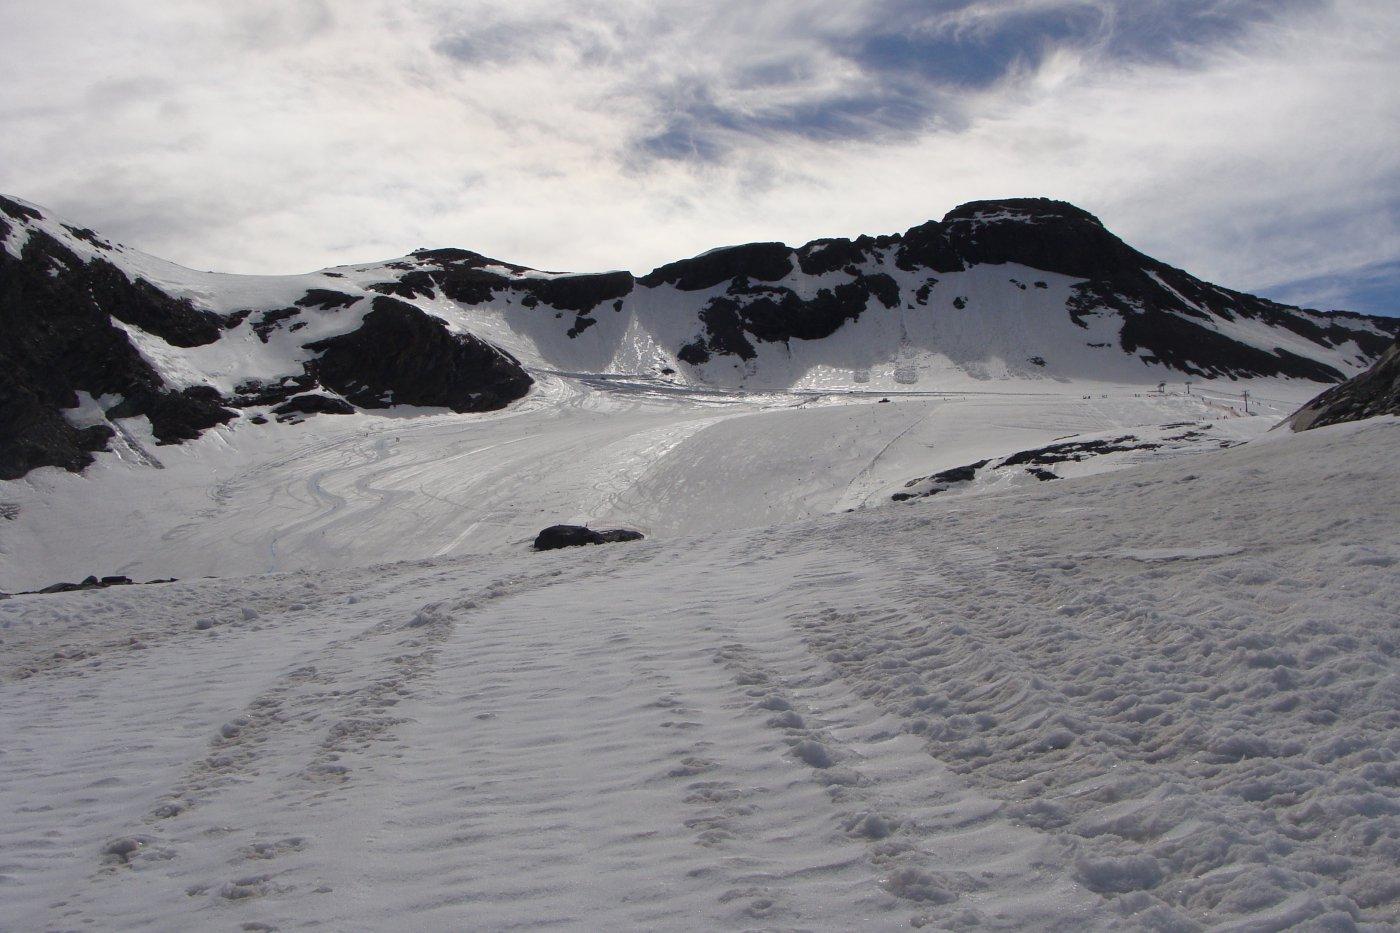 giunto sul ghiacciaio